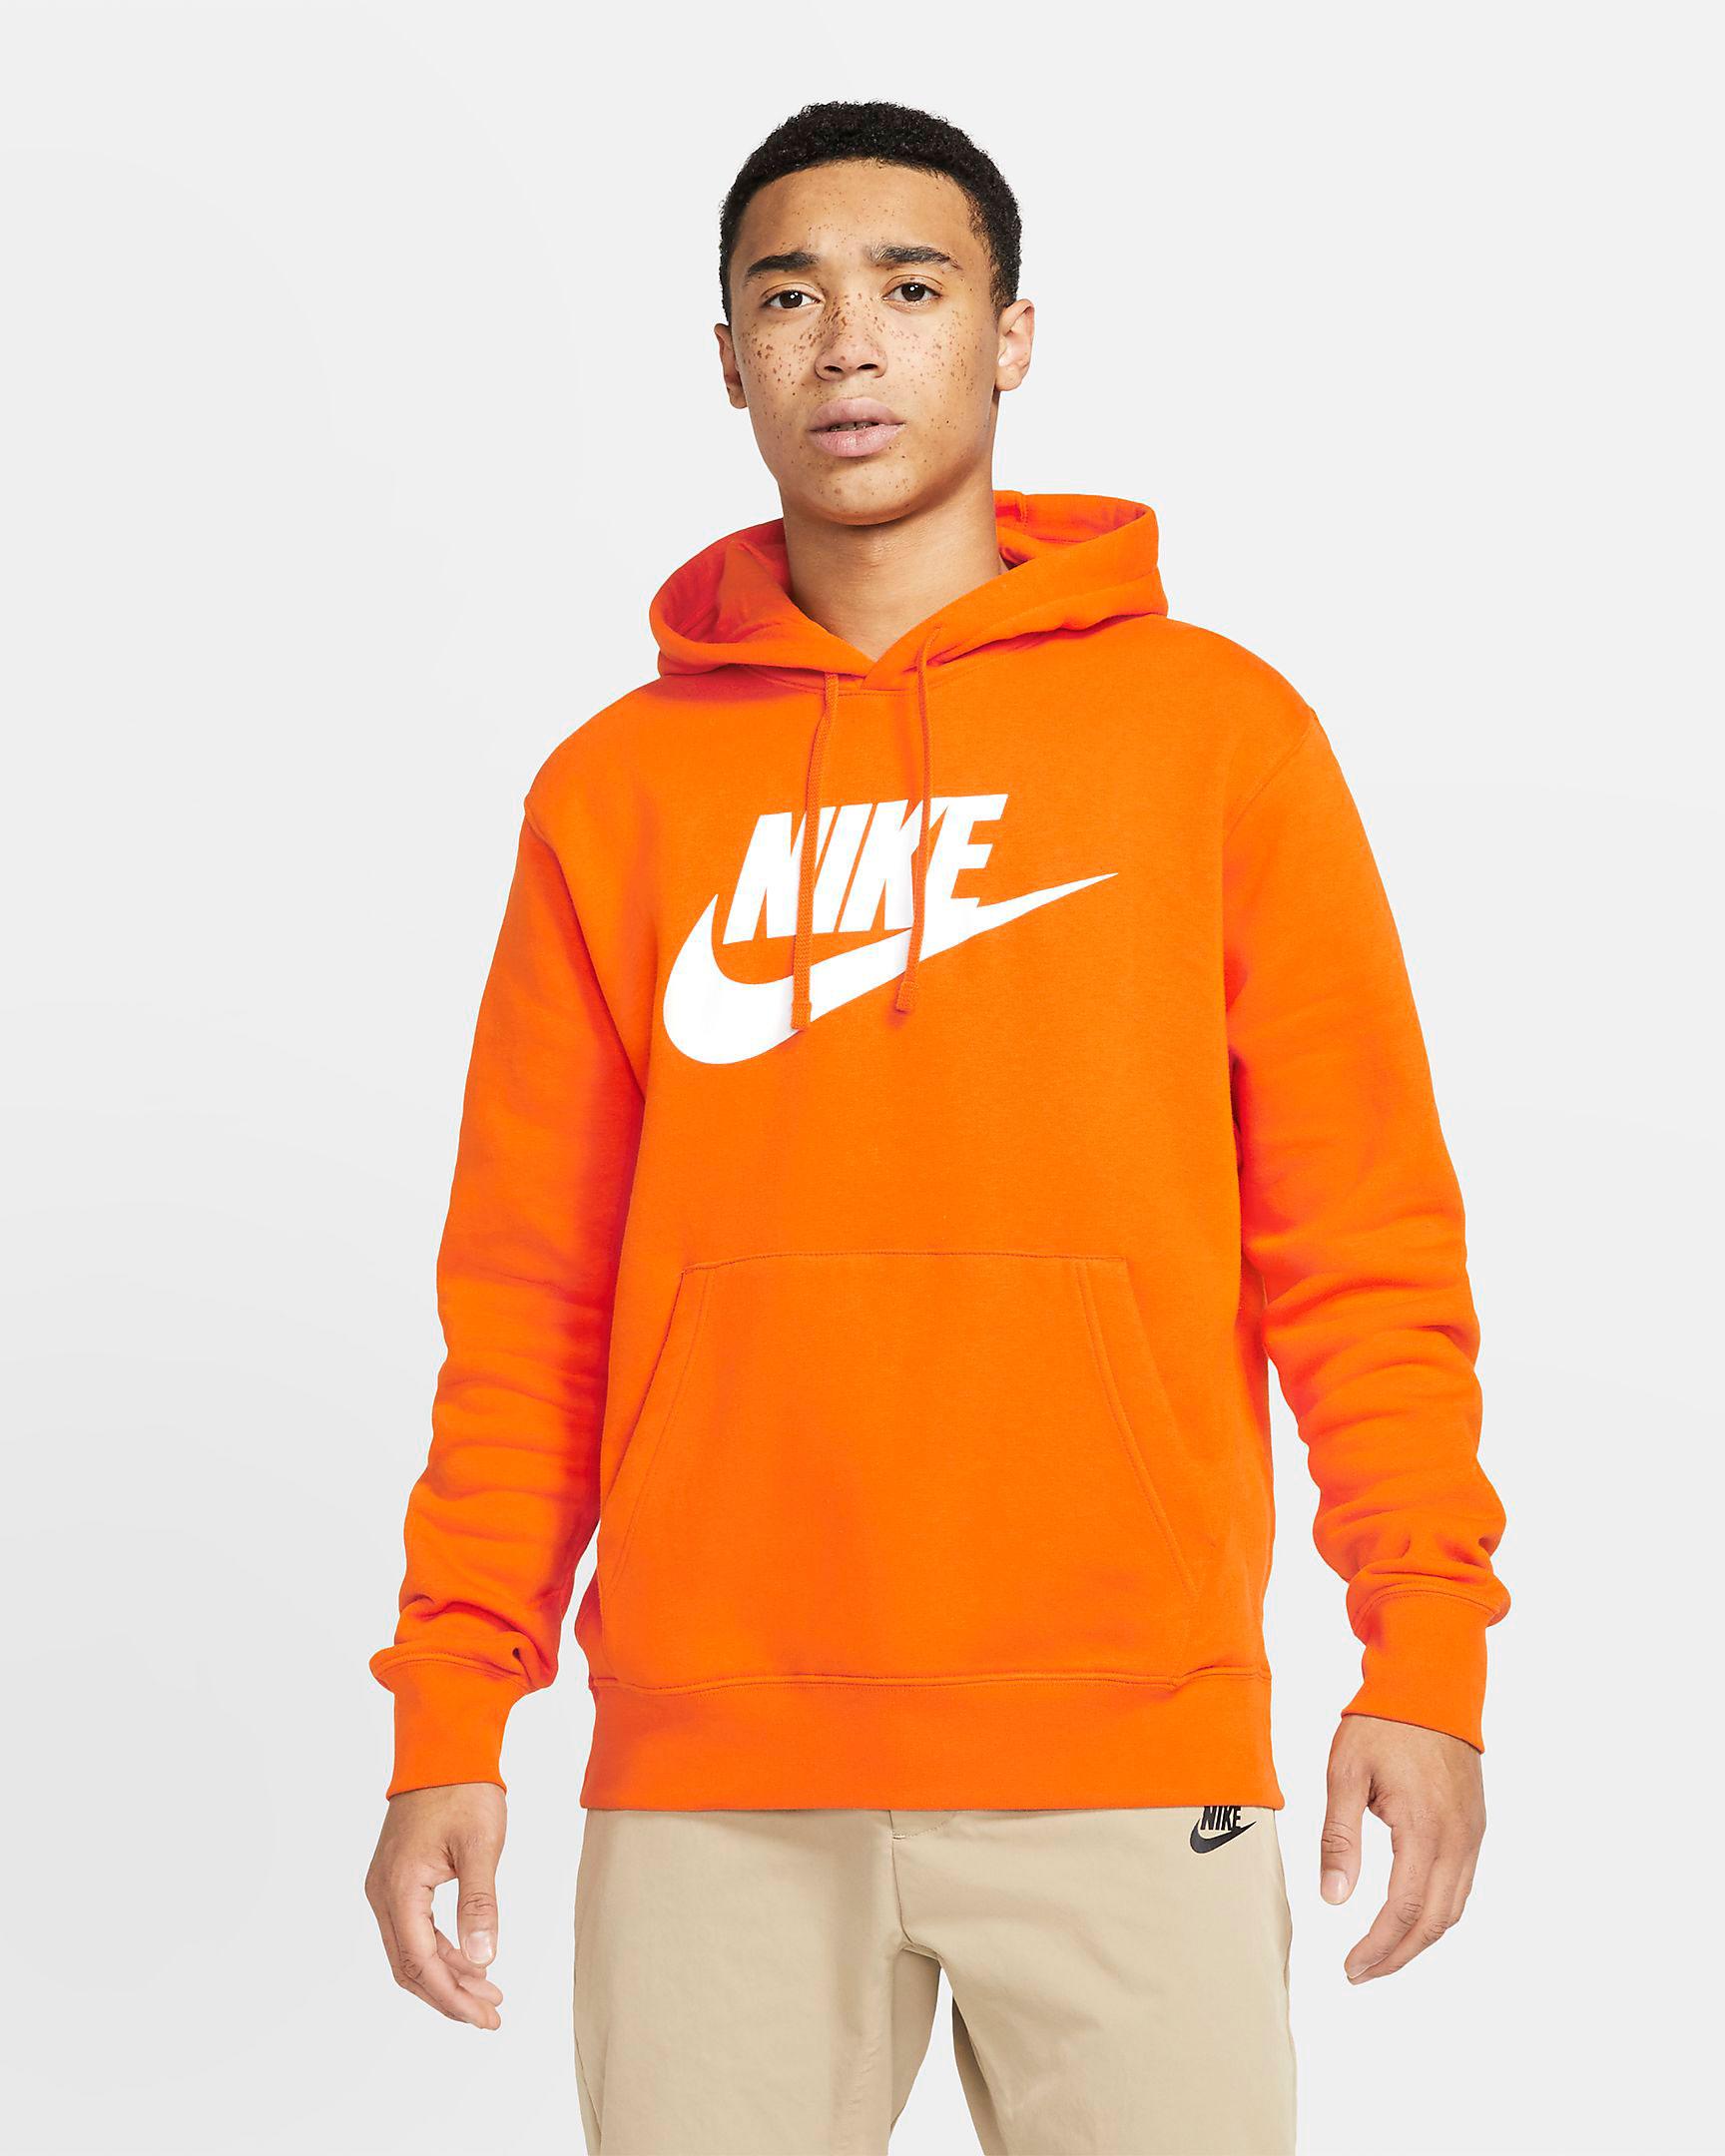 nike-sportswear-logo-orange-hoodie